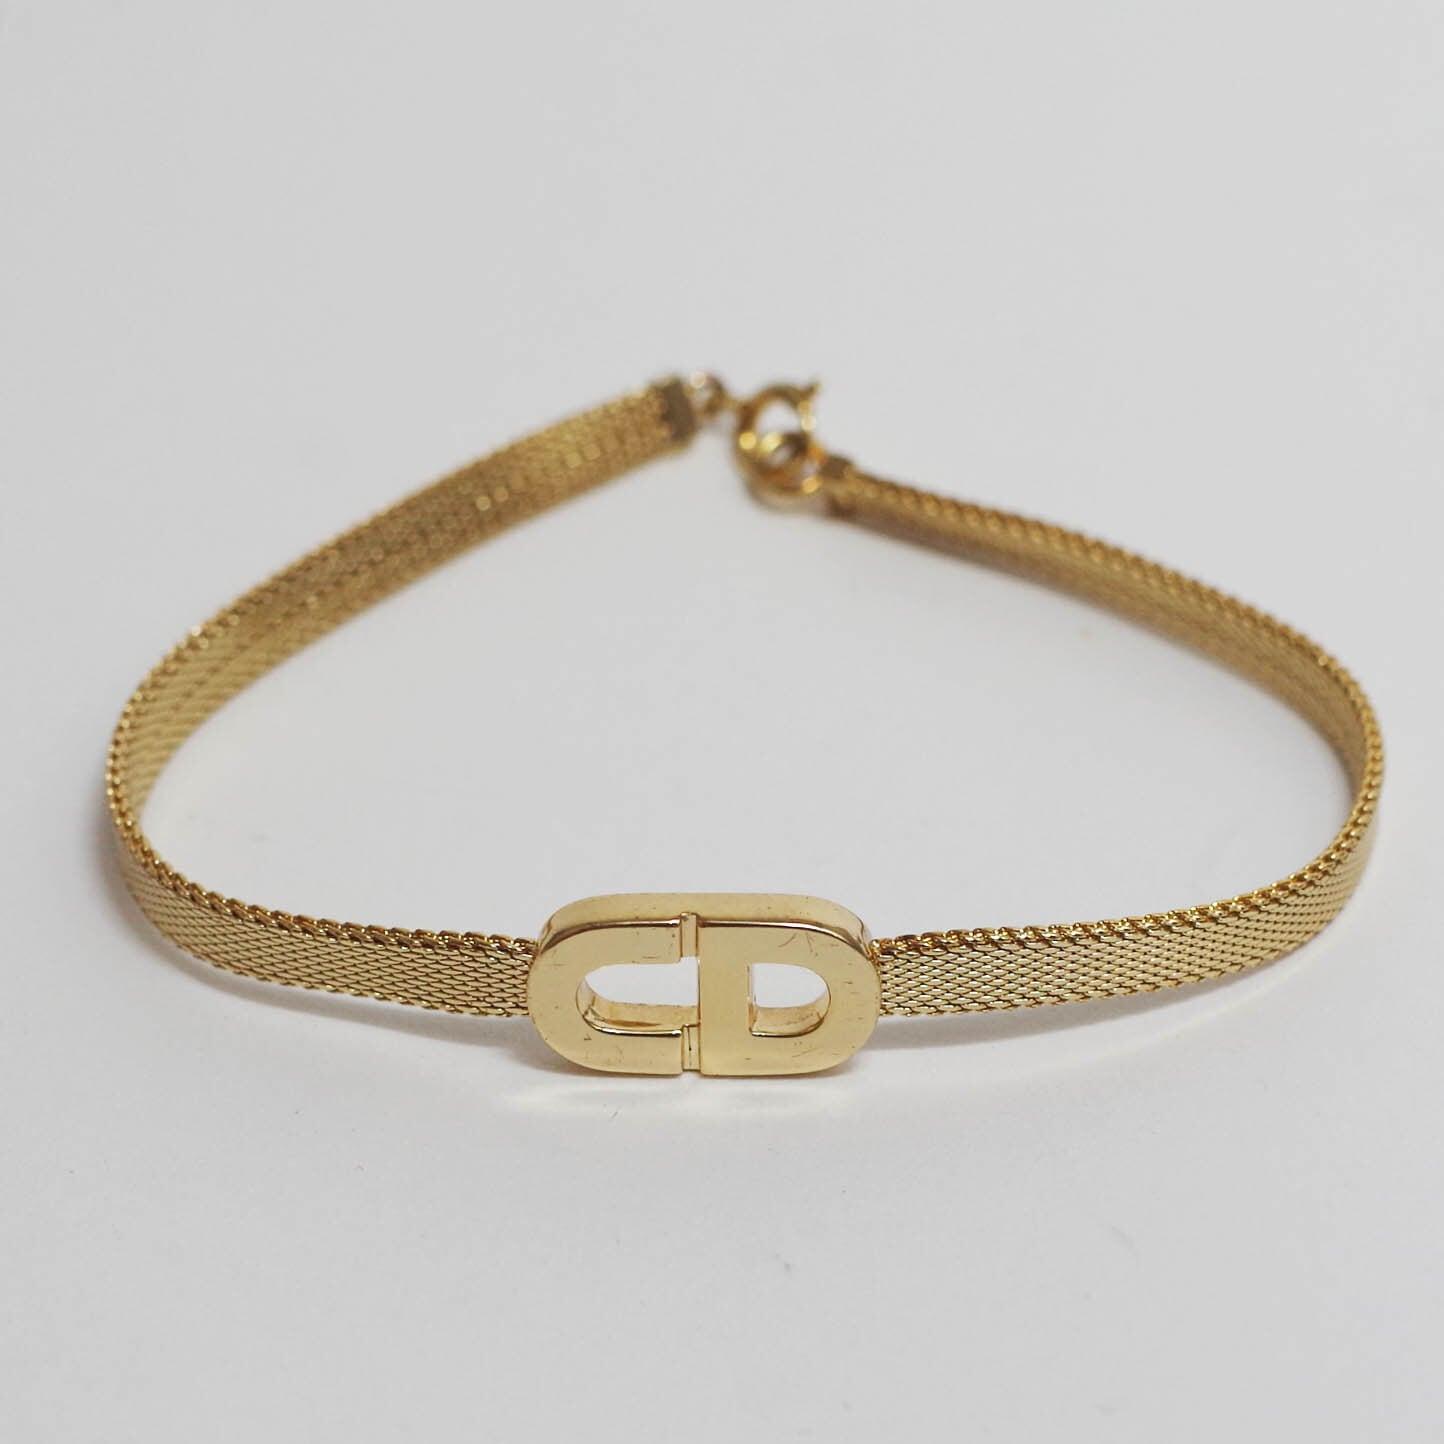 Christian Dior ディオール ブレスレット ゴールド アクセサリー